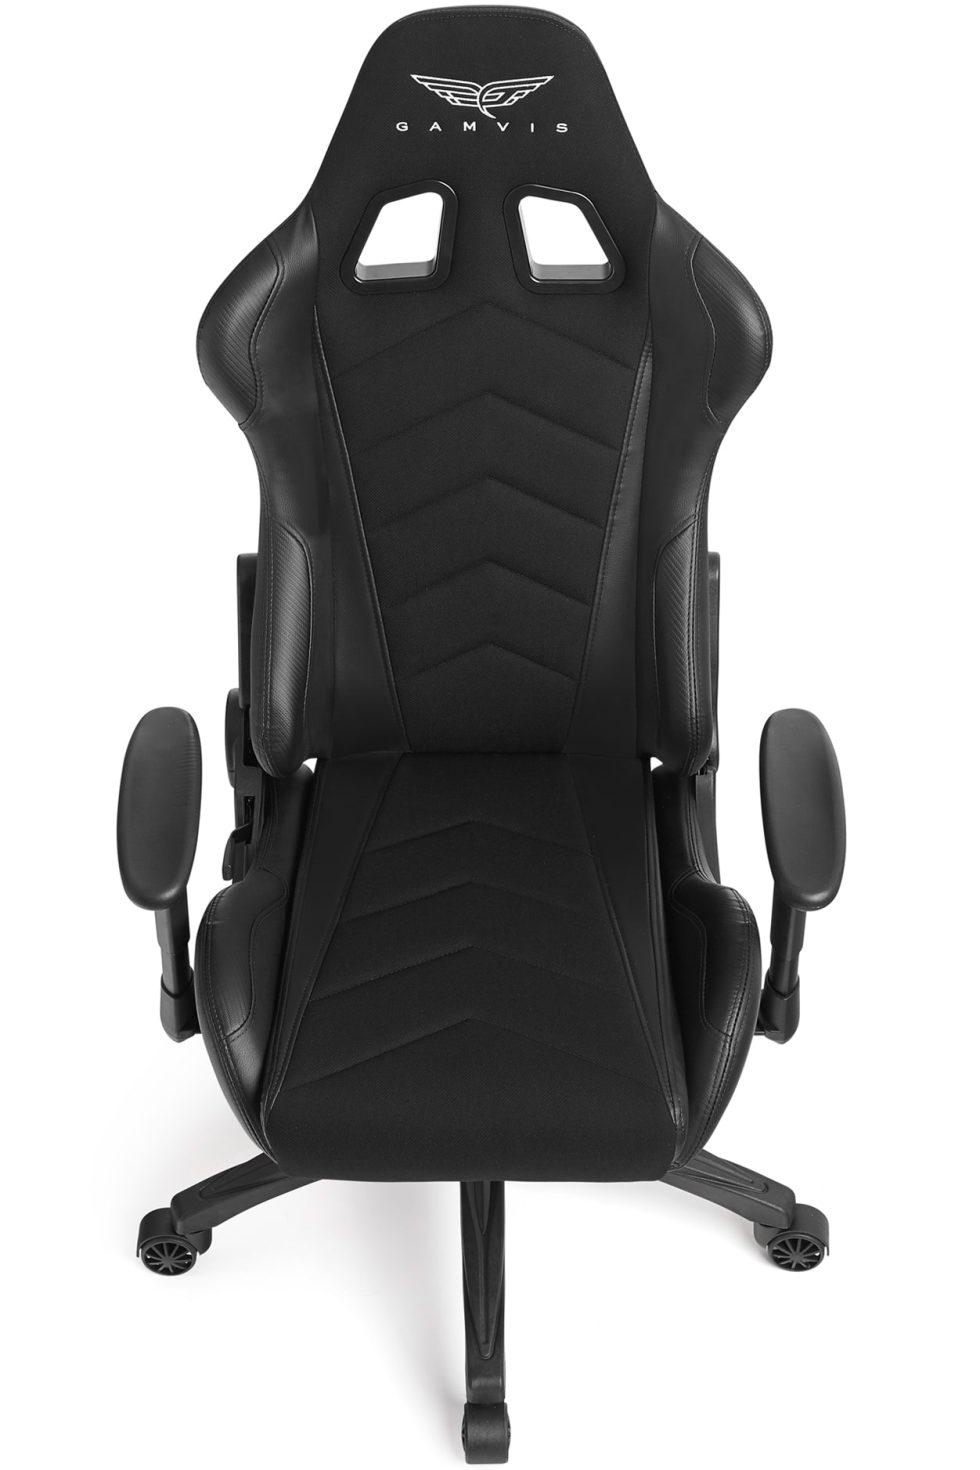 Materiałowy Fotel gamingowy Gamvis Expert Czarny 5